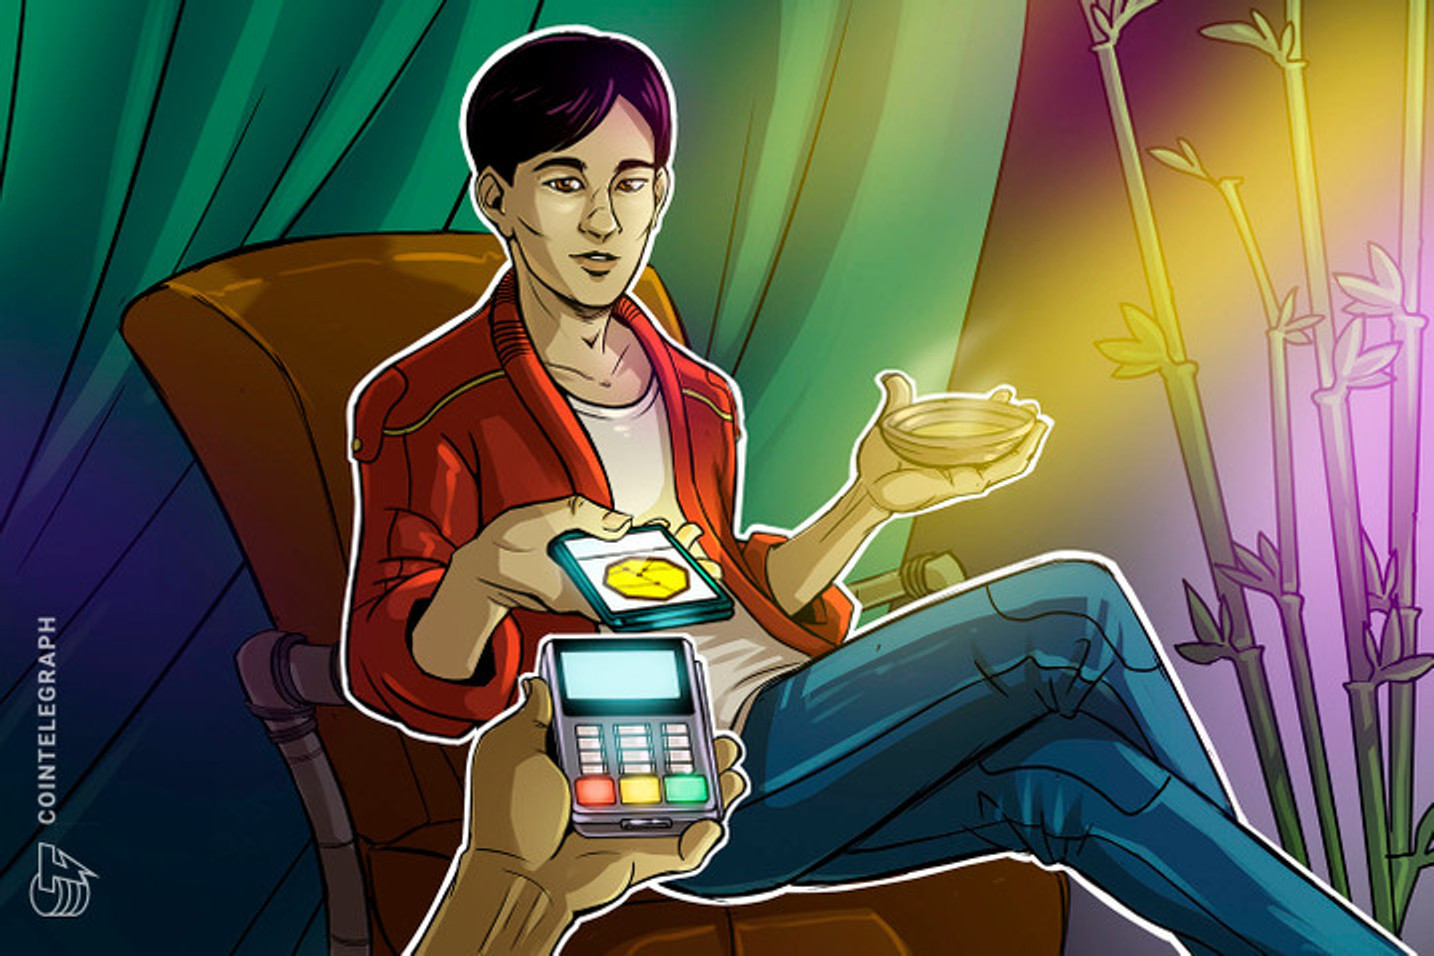 Pundi inició la venta en Amazon de su producto XPOS X2 para pagos con criptomonedas